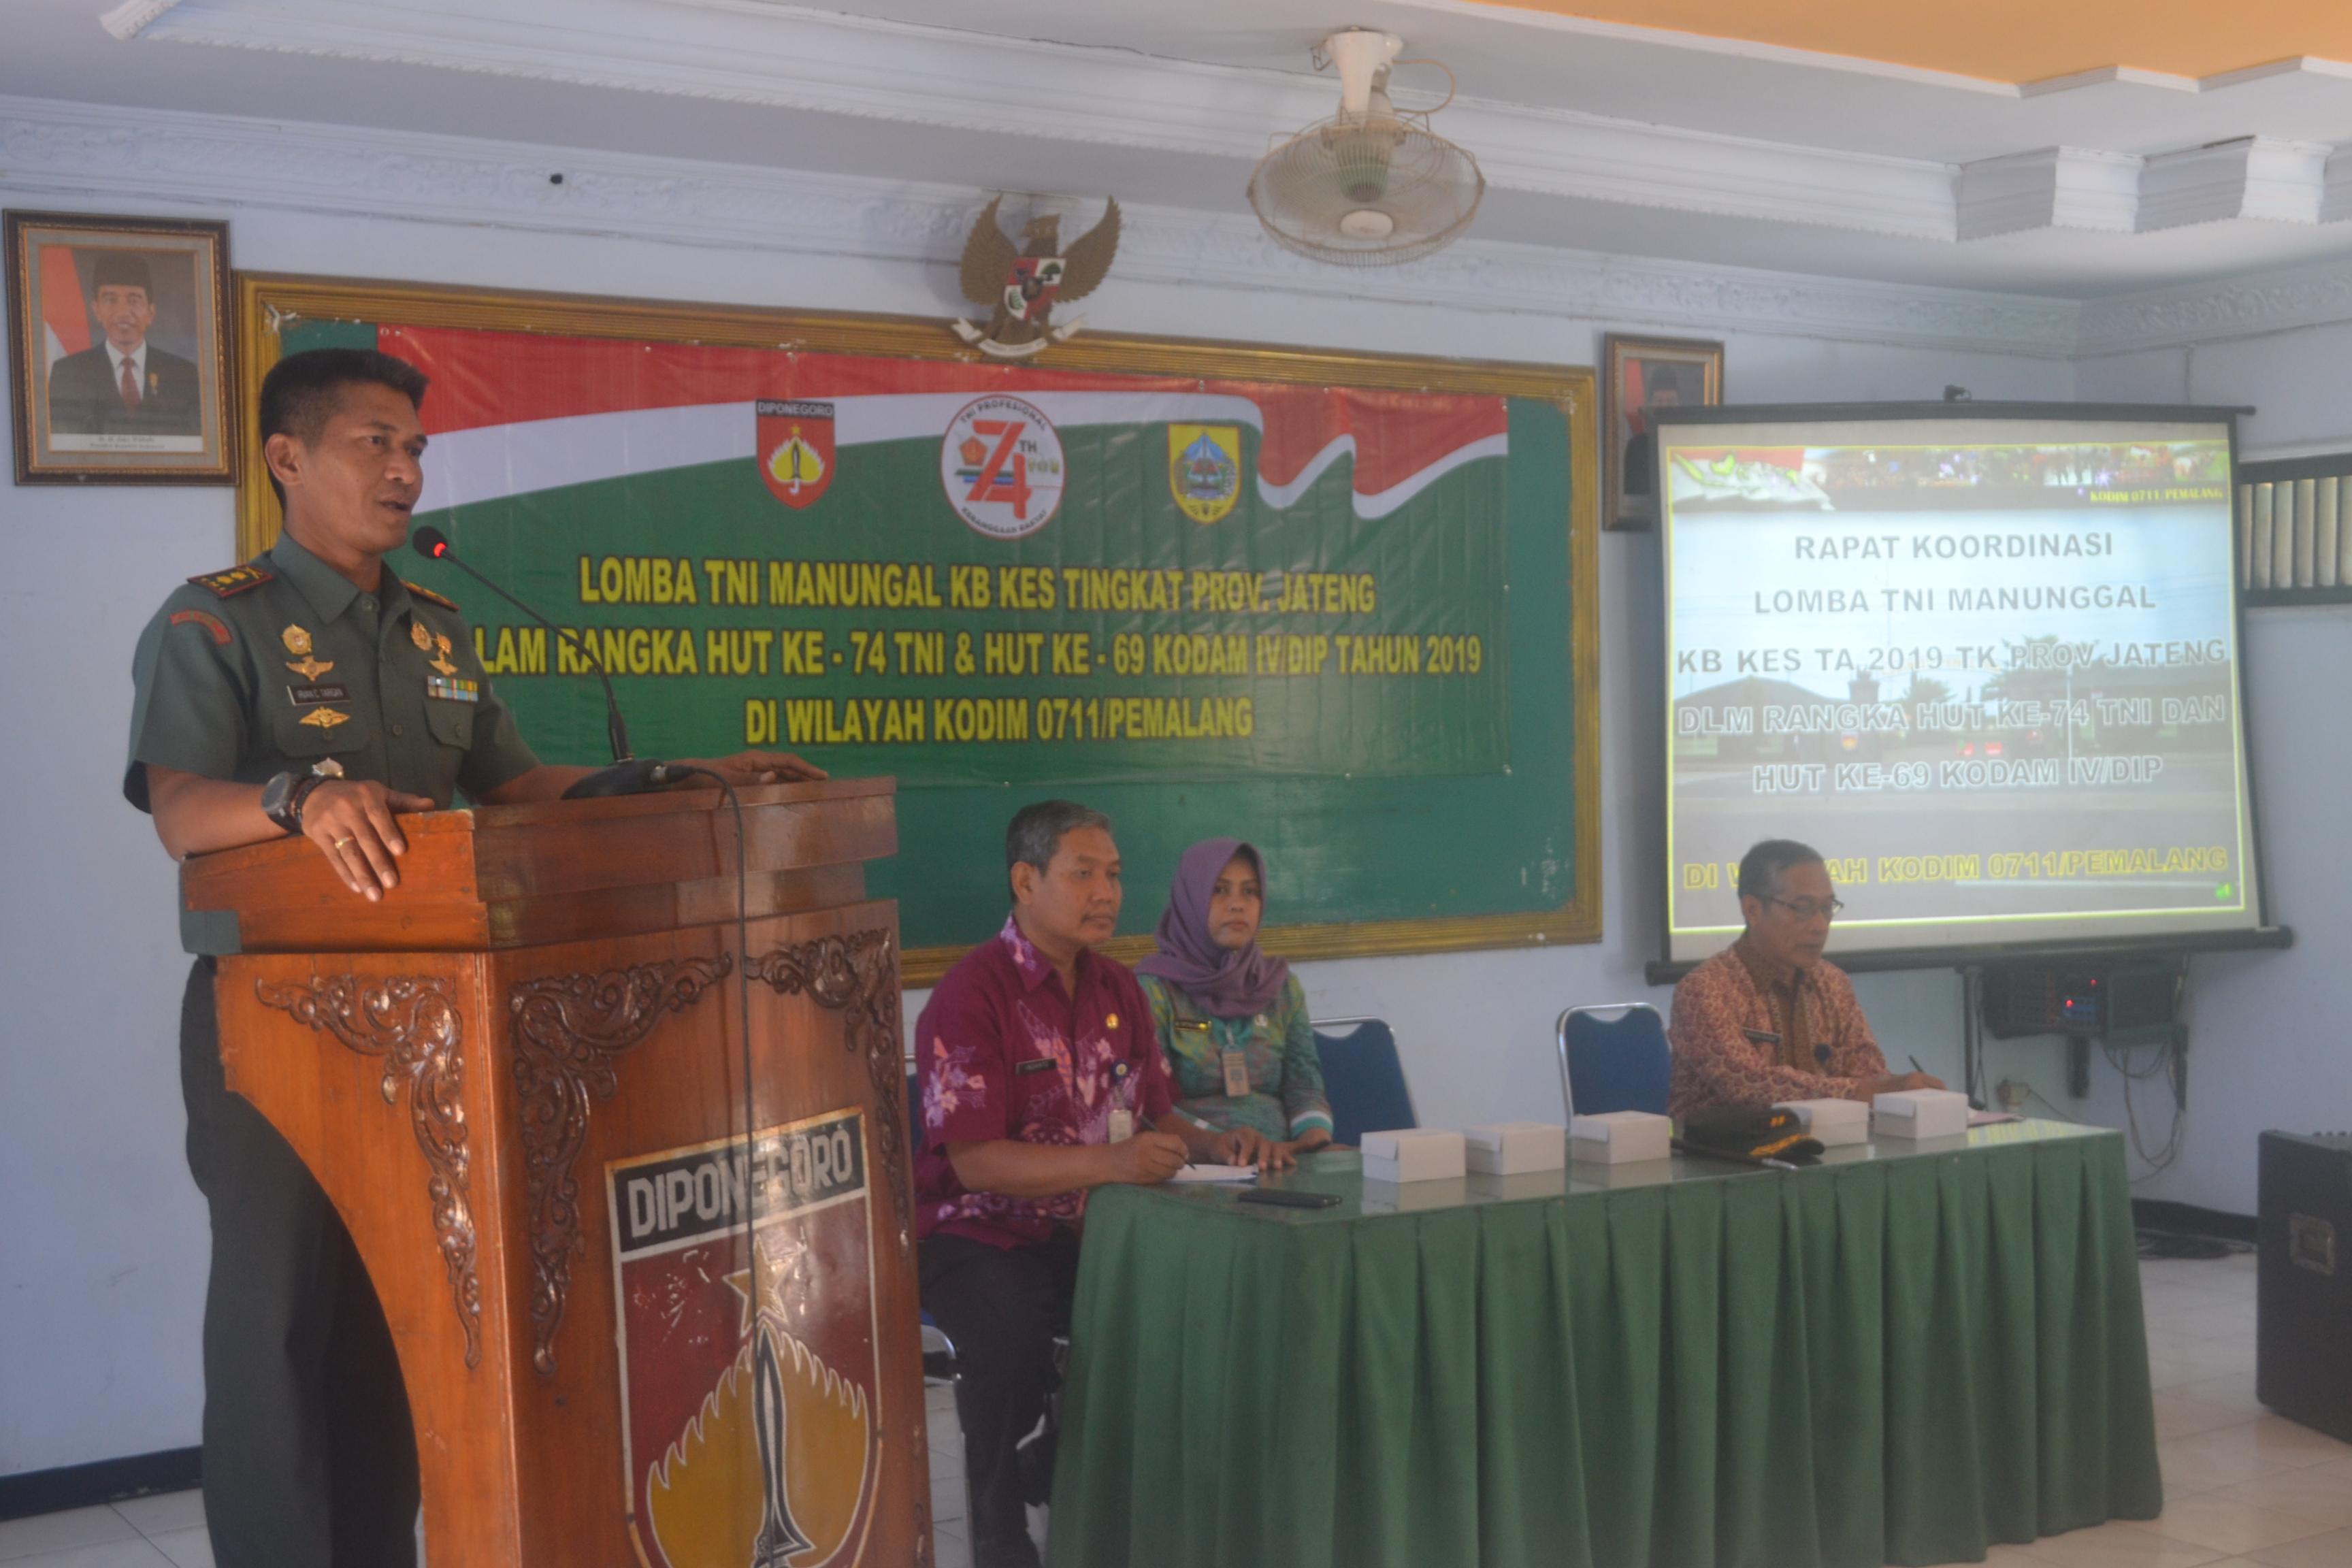 Kodim Pemalang Gelar Rapat Persiapan Lomba Tentara Manunggal KB dan Kesehatan (TMKK)